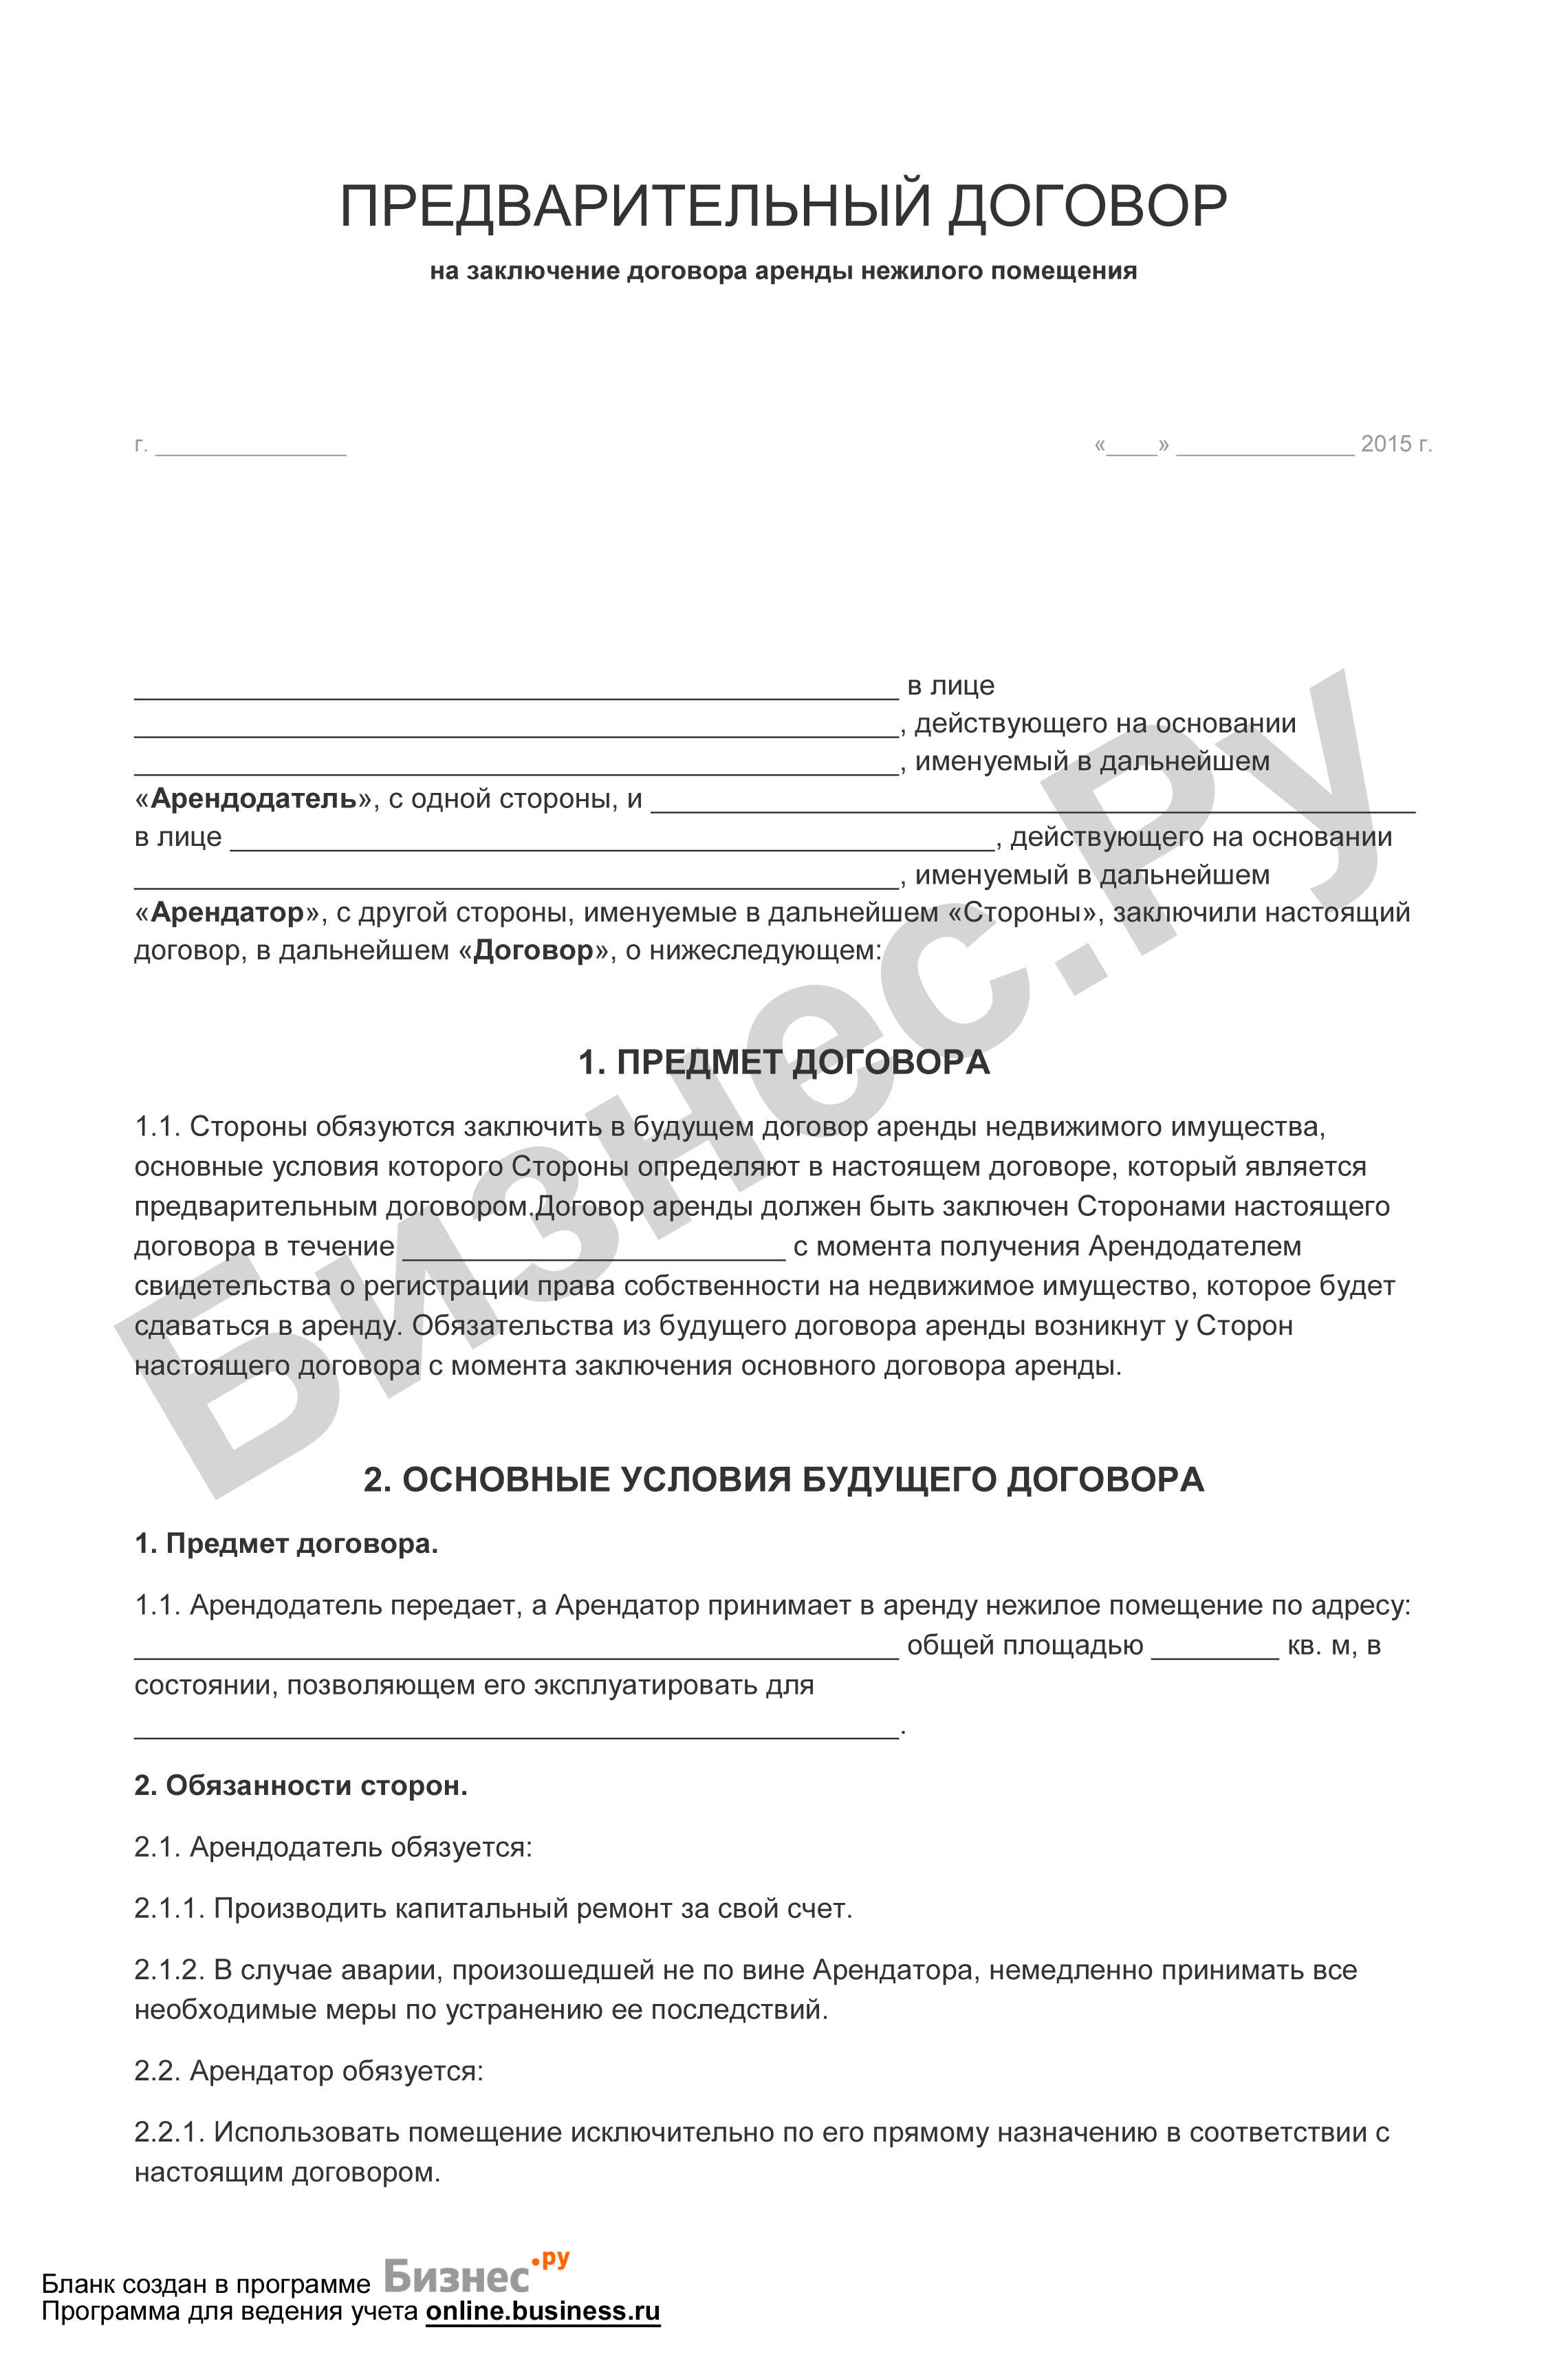 Для регистрации ип нужен ли договор аренды документы для регистрации ооо в 2019